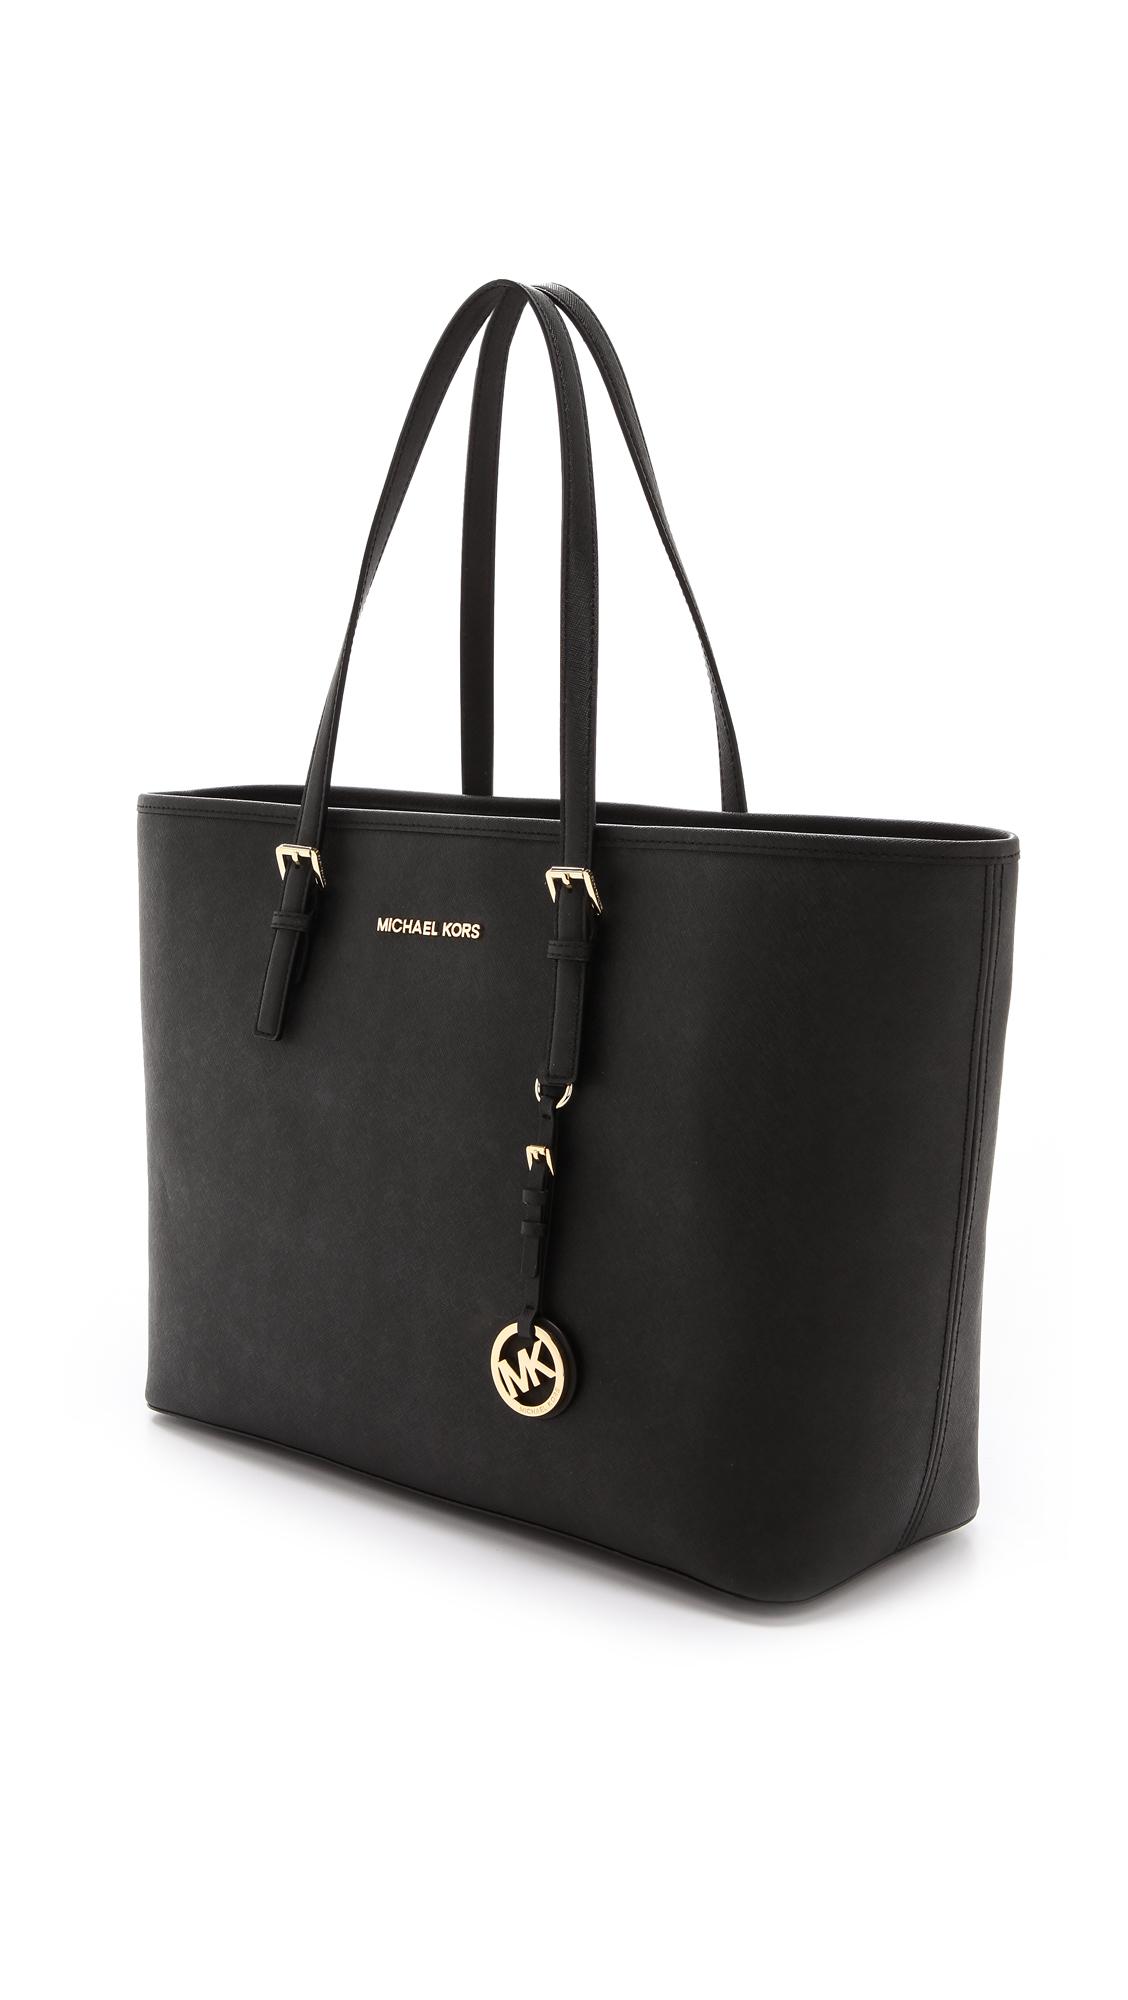 MICHAEL Michael Kors Многофункциональная объемная сумка Jet Set для поездок | SHOPBOP